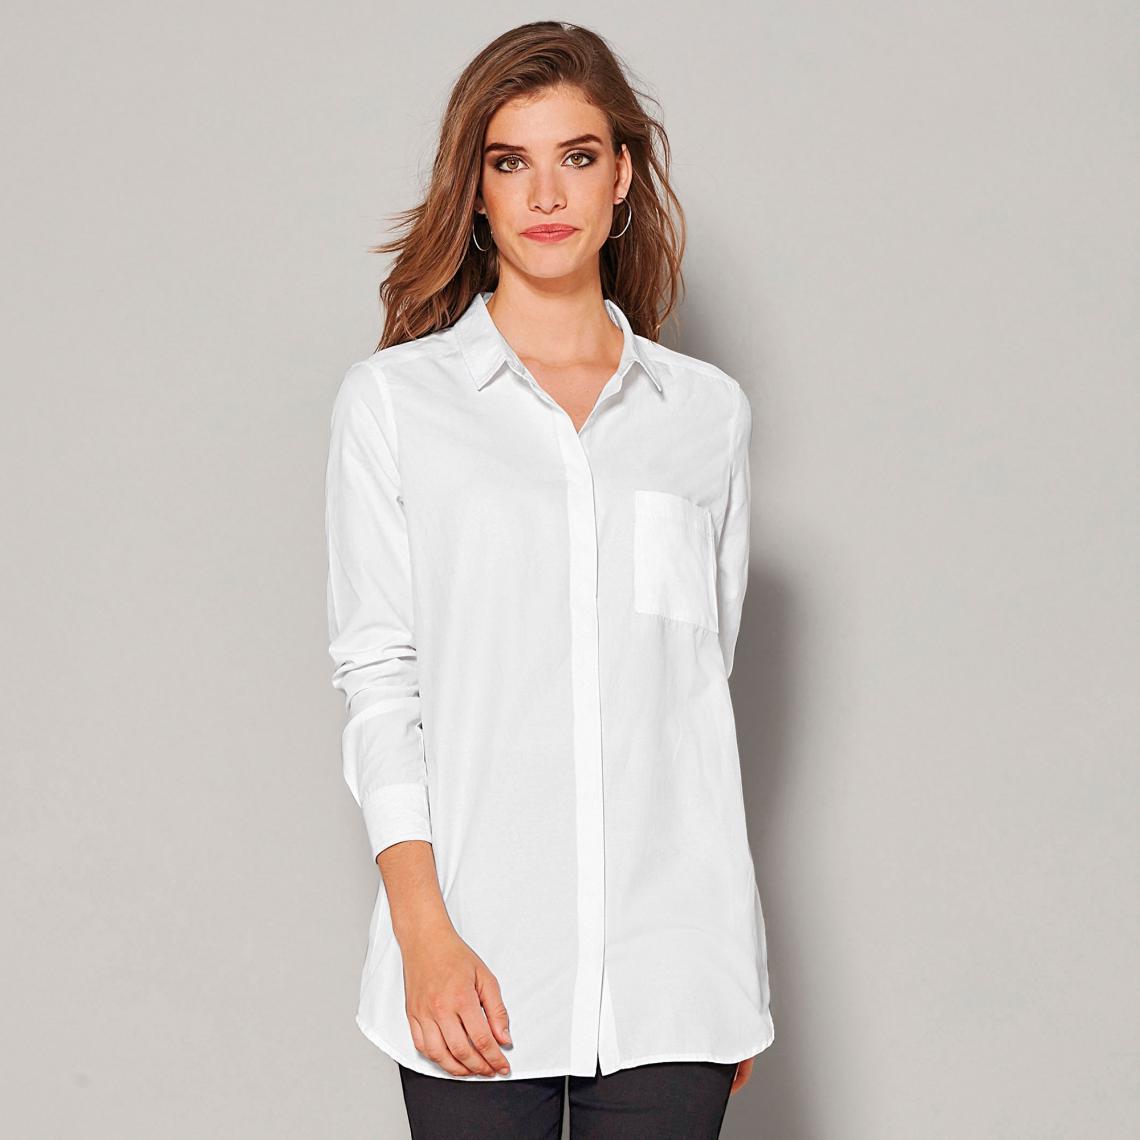 Chemise manches longues bas arrondi femme Blanc | 3 SUISSES